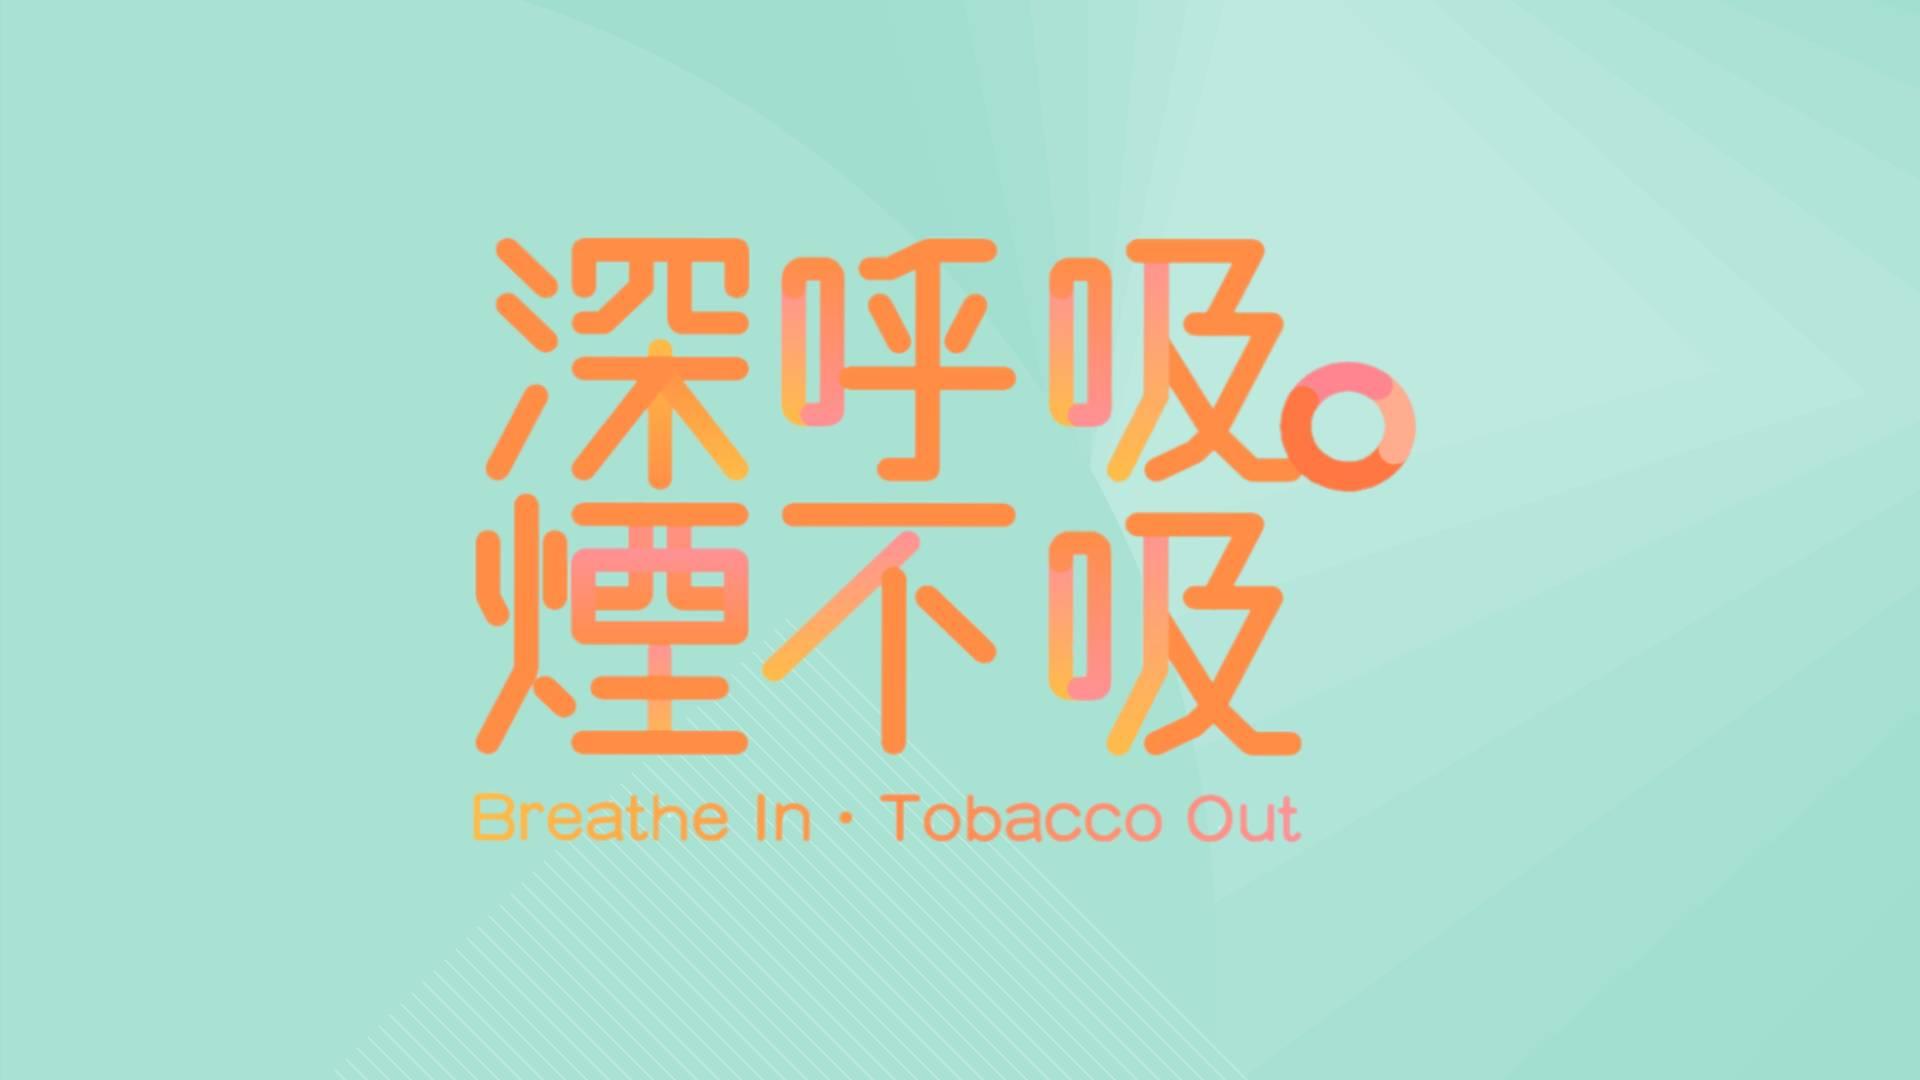 支持「深呼吸.煙不吸」 為健康注入無煙能量